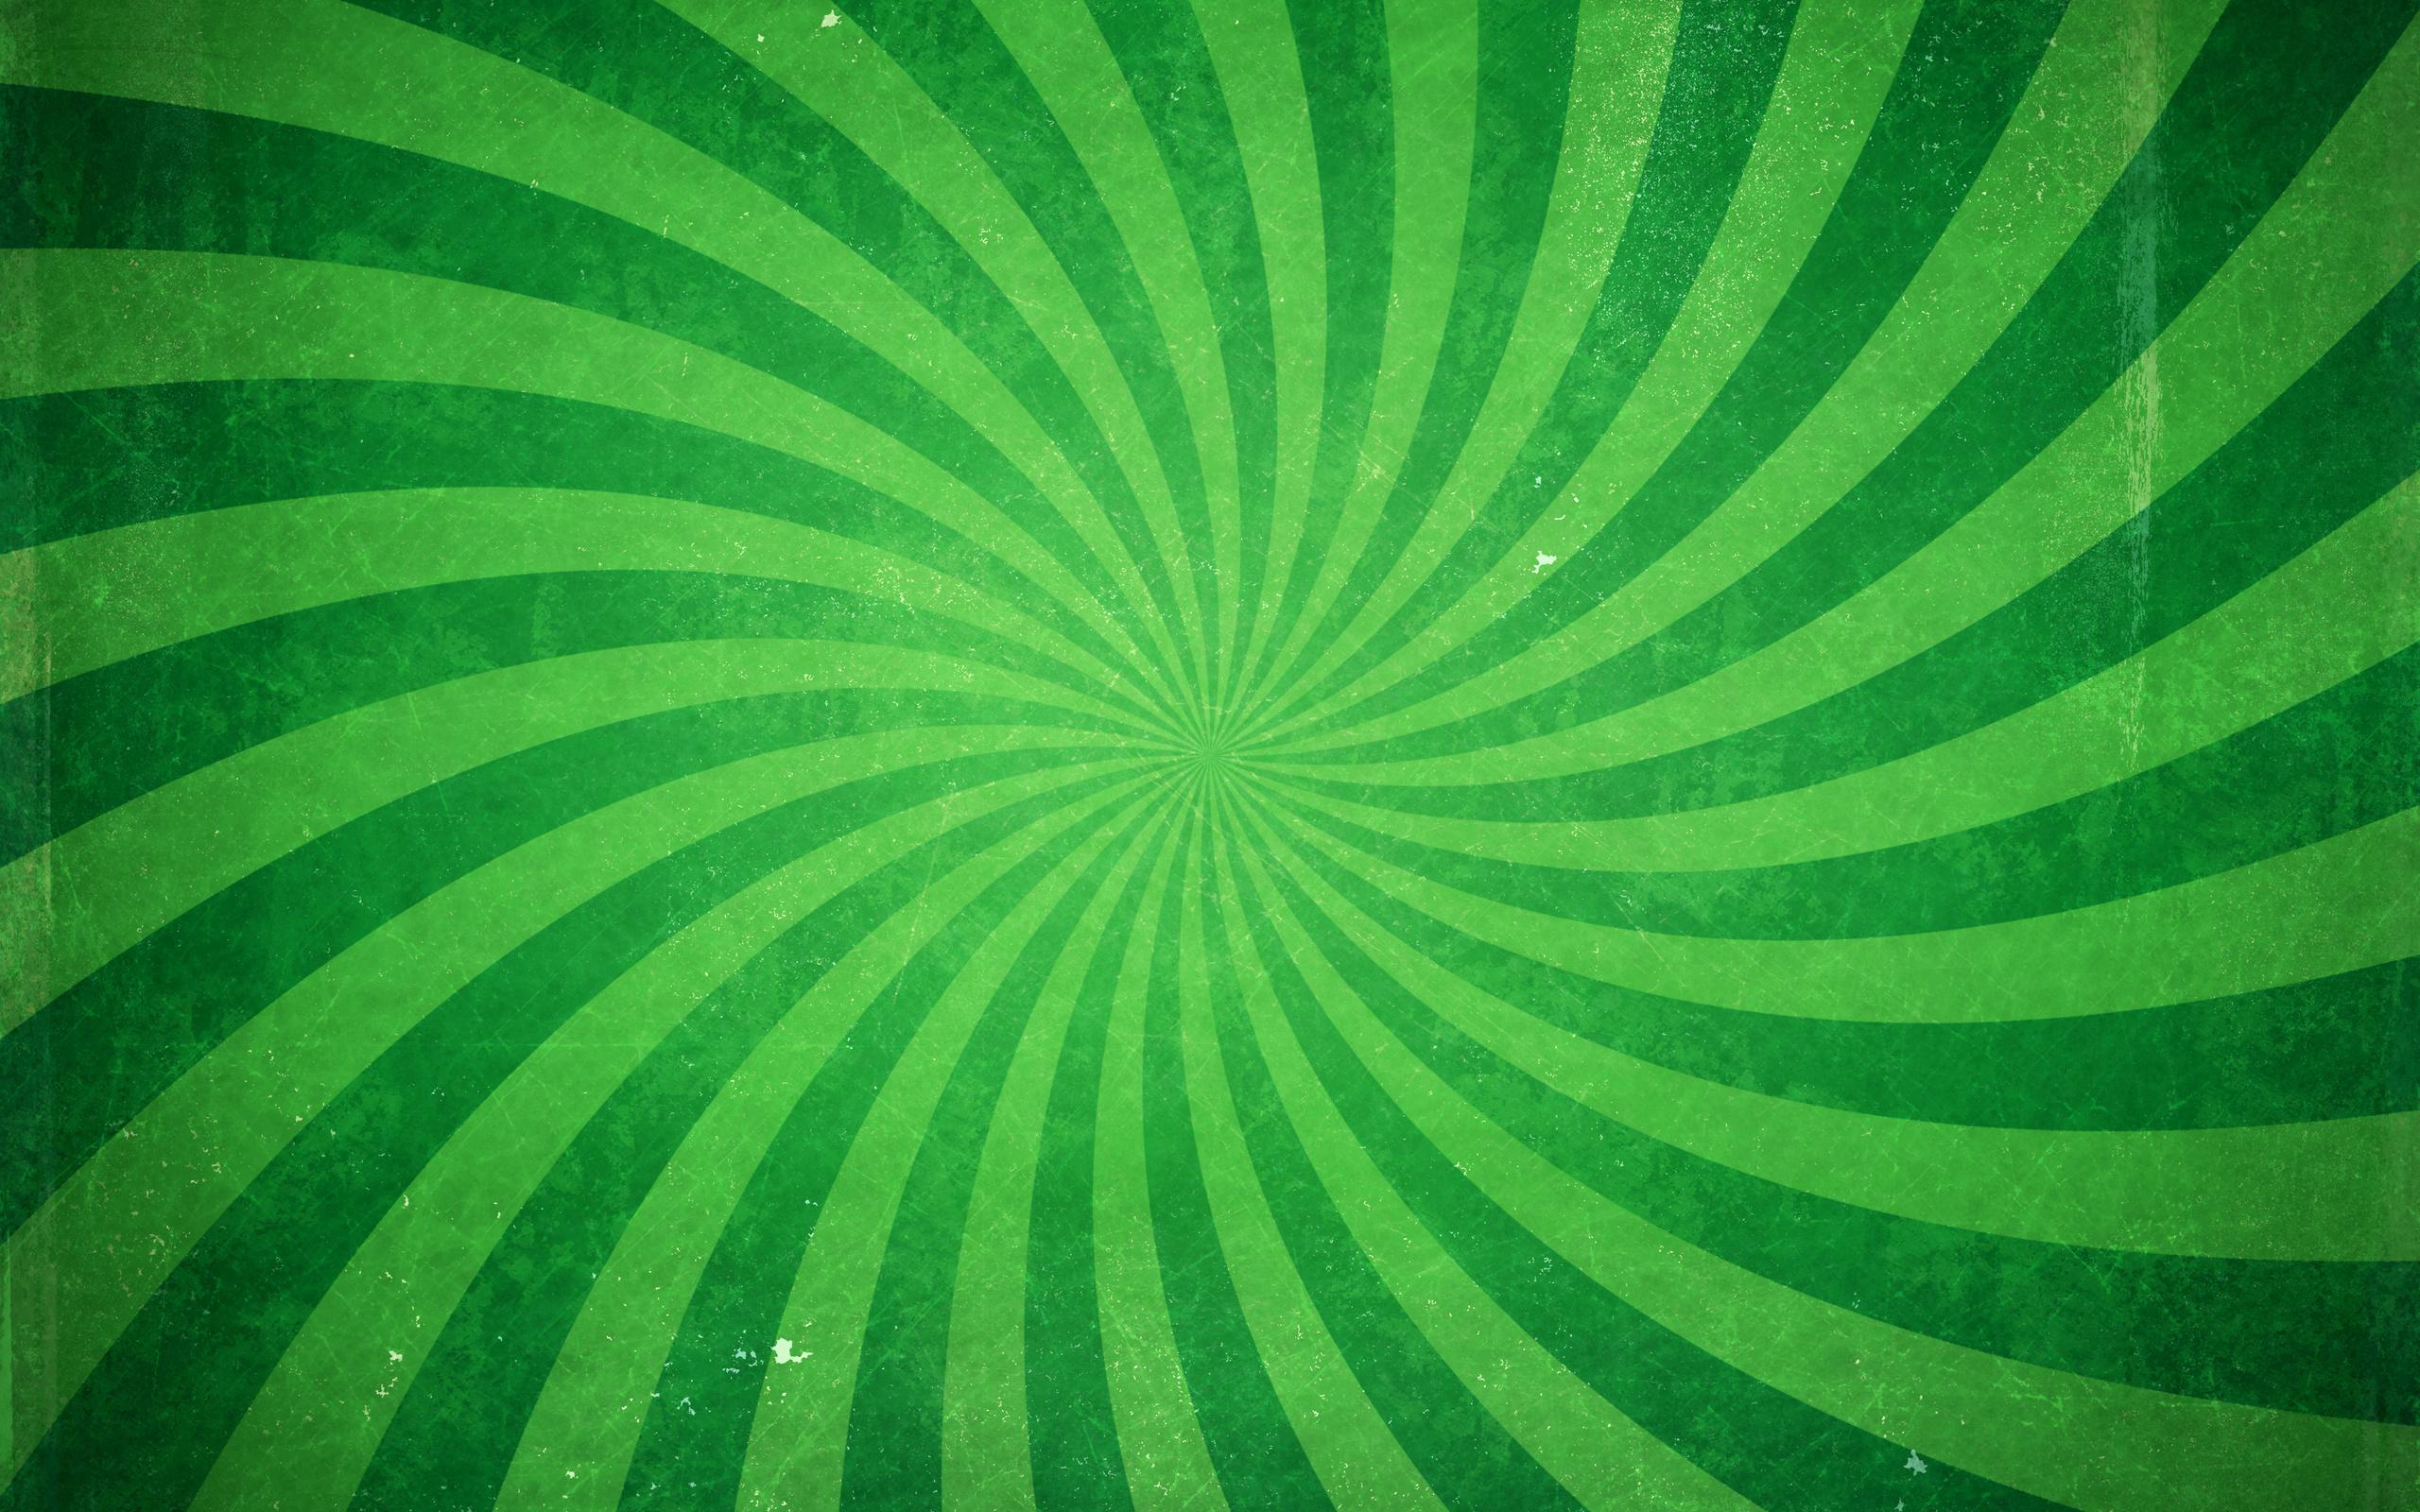 Abstract Green Desktop Background Green Wallpaper